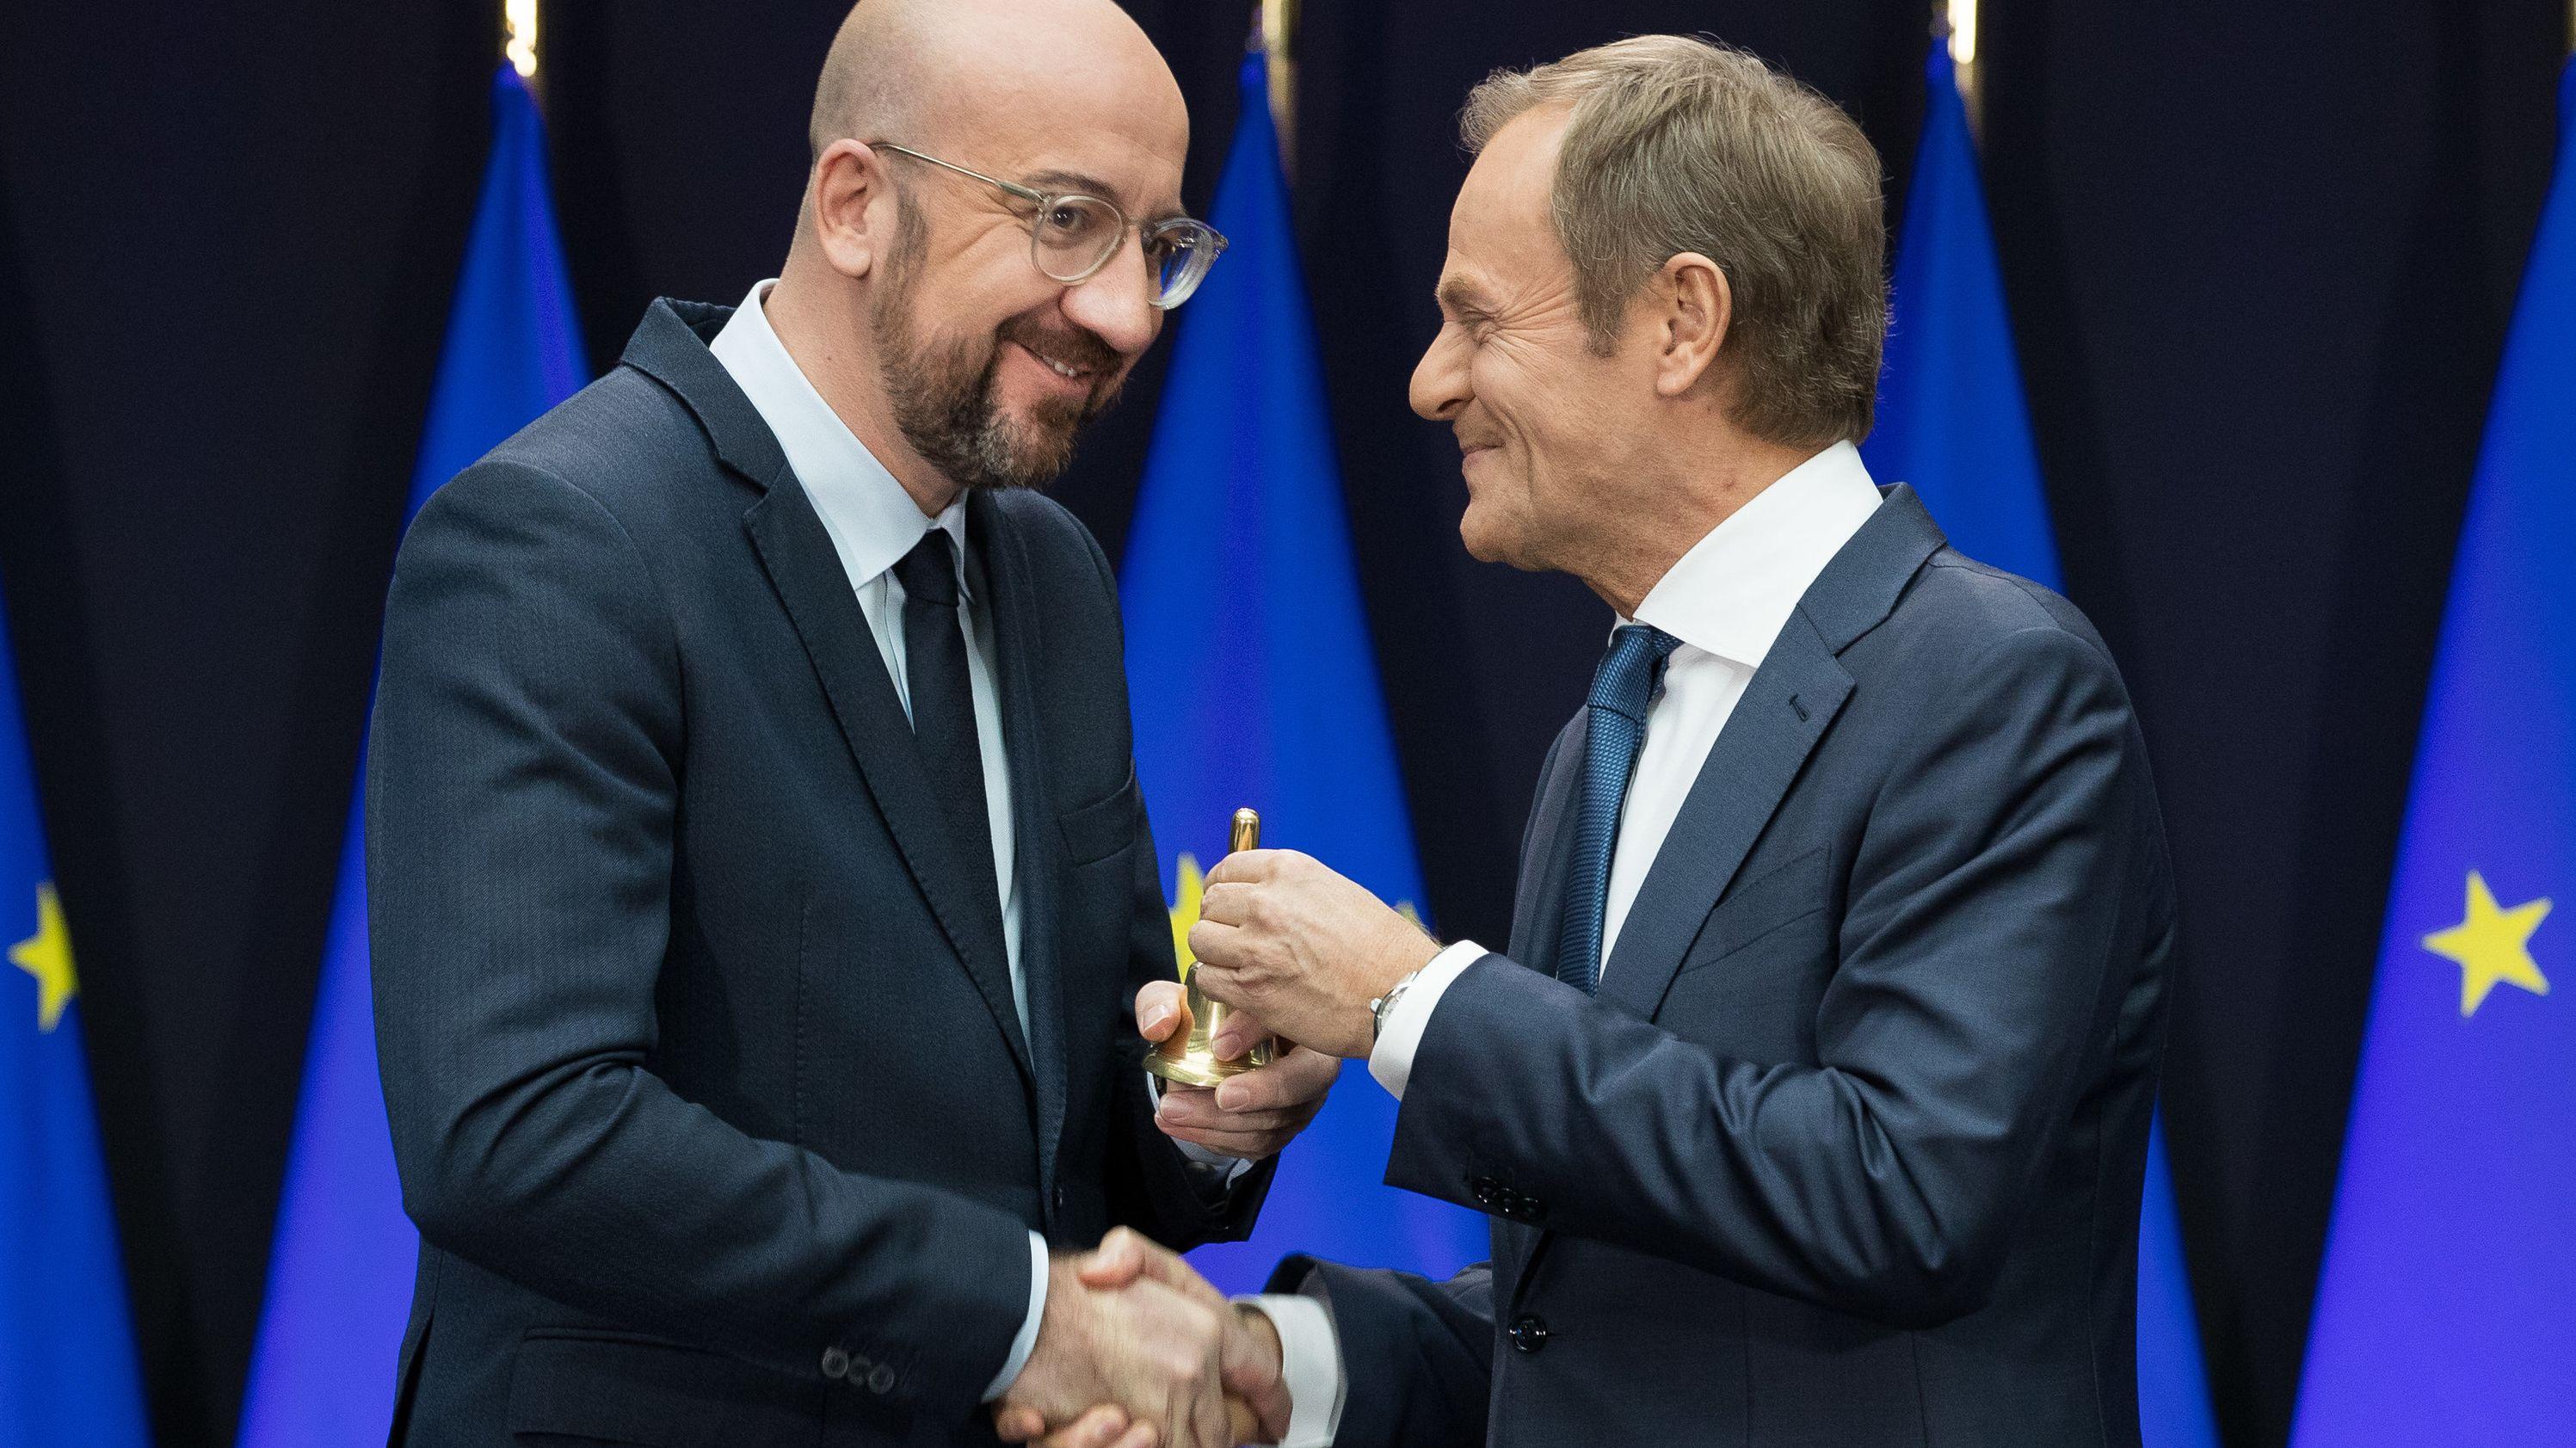 Charles Michel (l), neuer Präsident des Europäischen Rates, und Donald Tusk, scheidender Präsident des Europäischen Rates, reichen sich während des symbolischen Akts der Amtsübergabe die Hand, mit der anderen wird die Glocke überreicht.